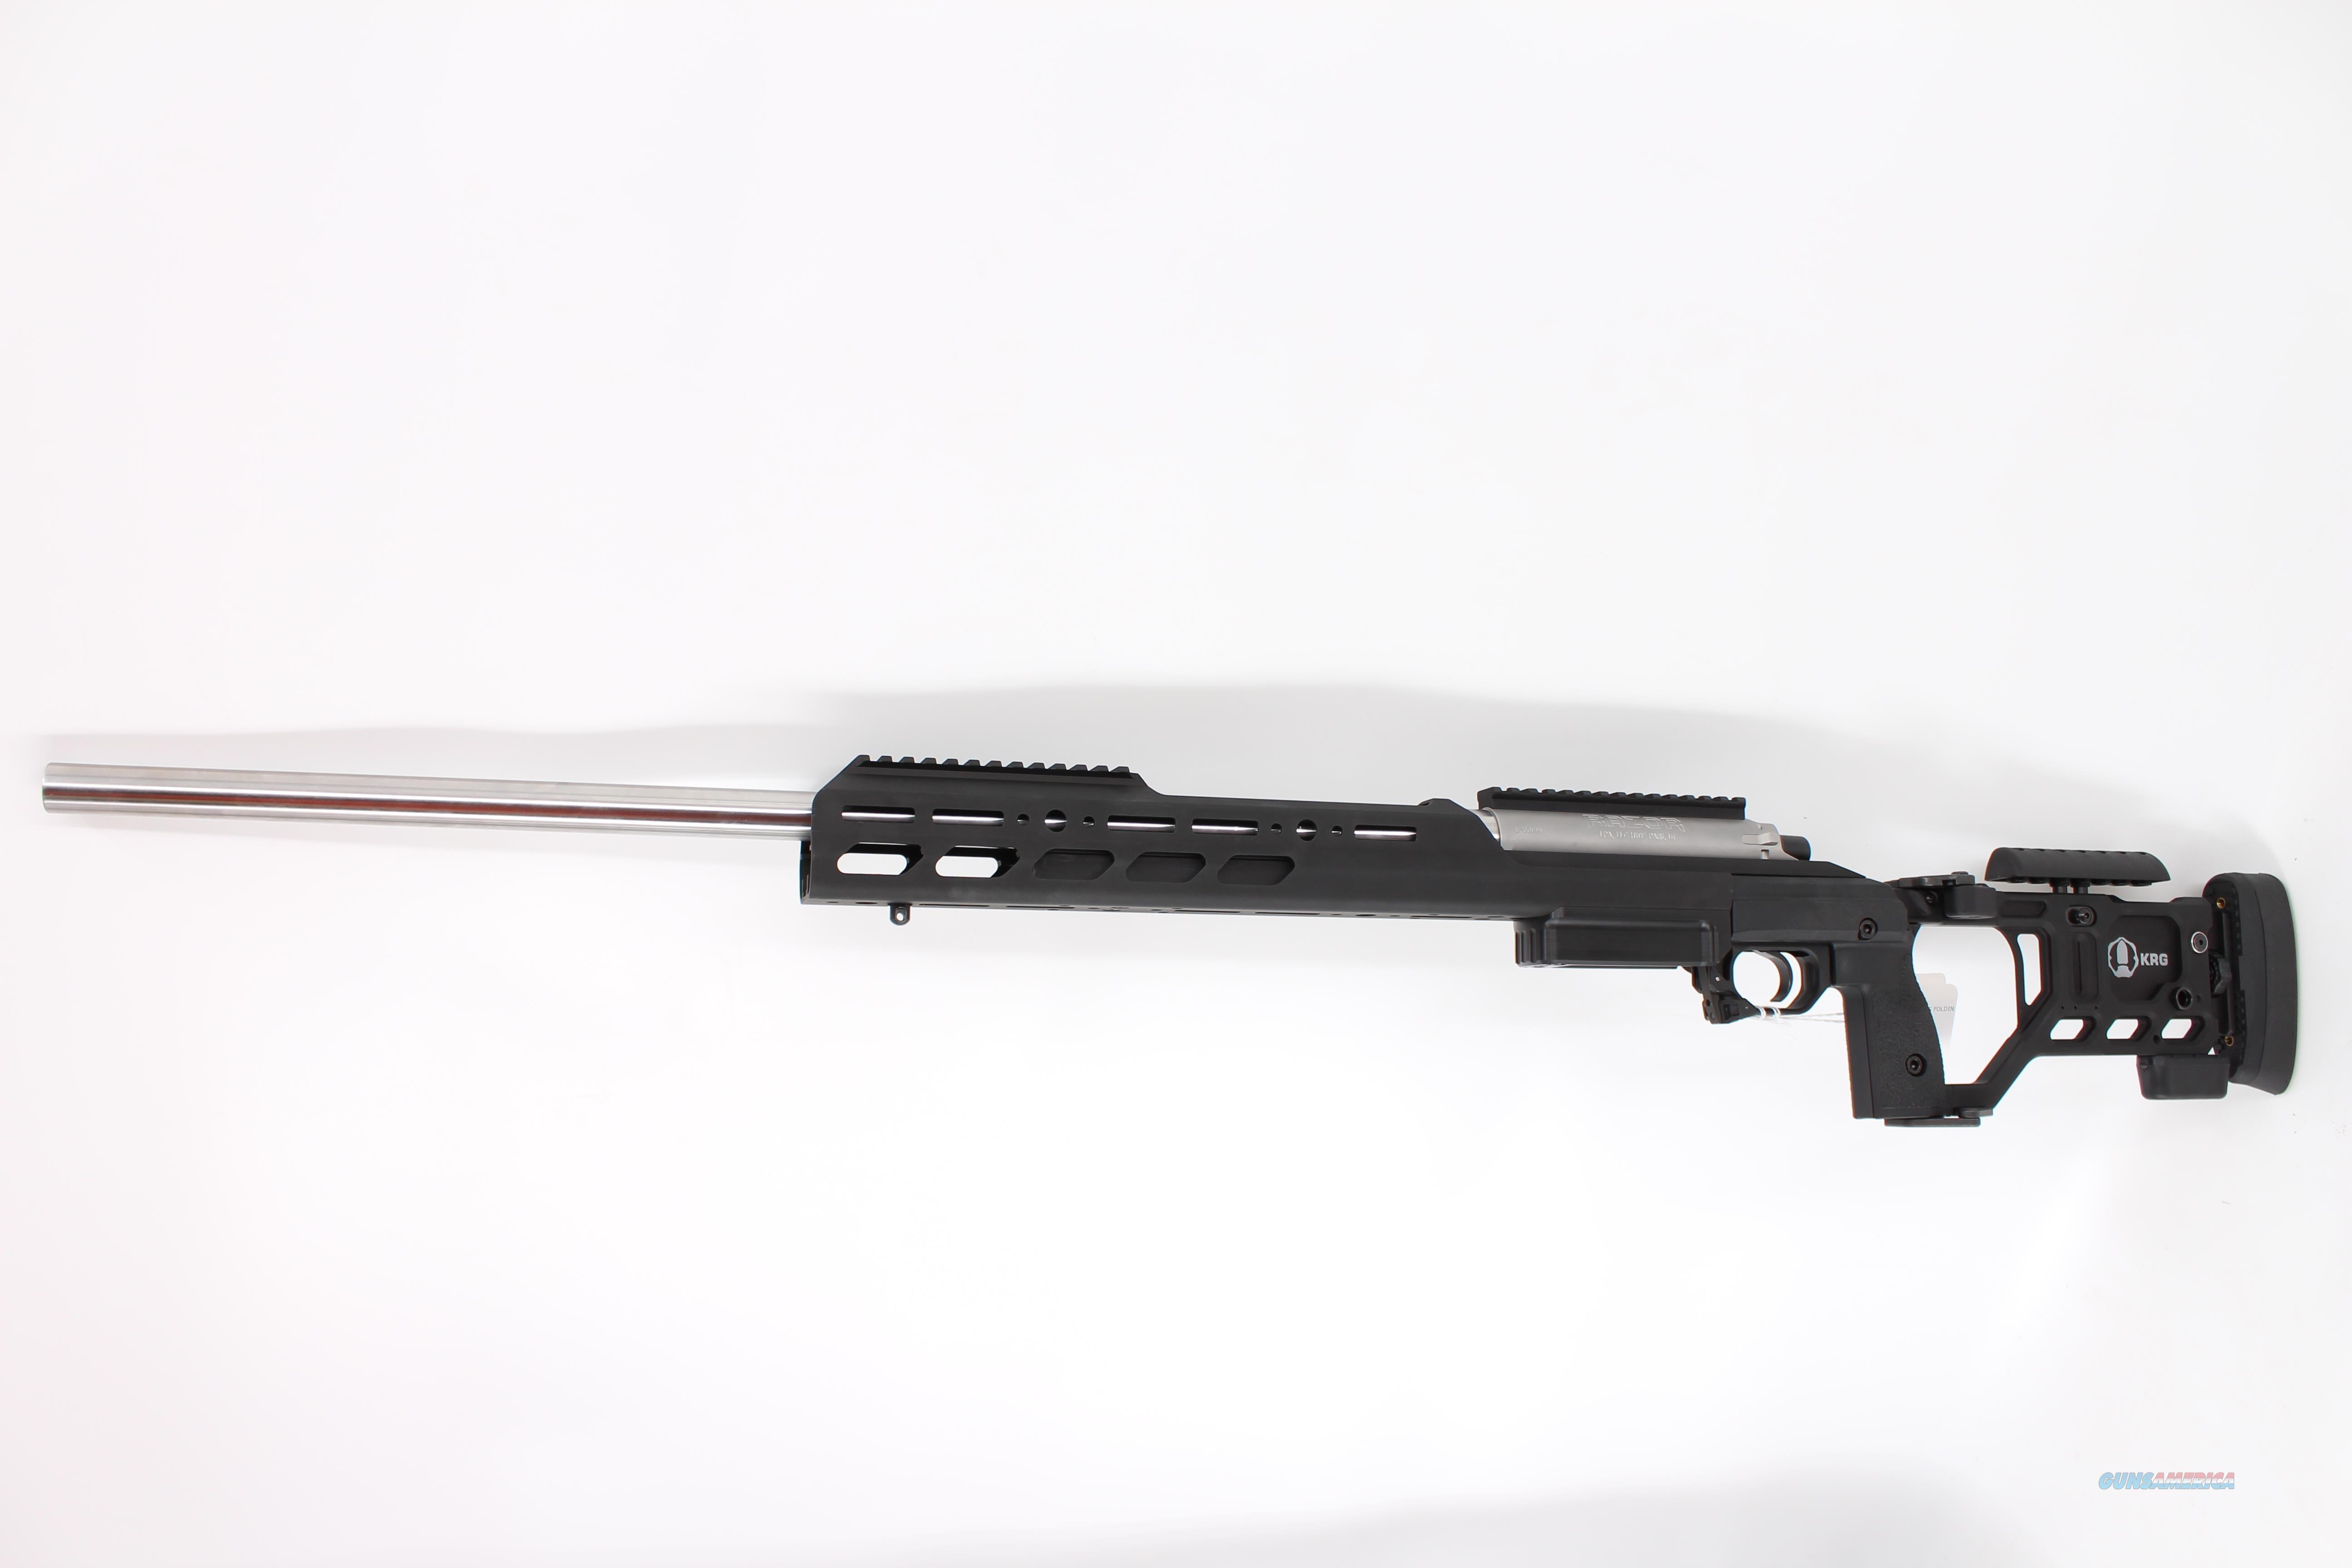 TS Customs LonePeak Arms 6.5 CM KRG W3 Folder Tim510  Guns > Rifles > L Misc Rifles